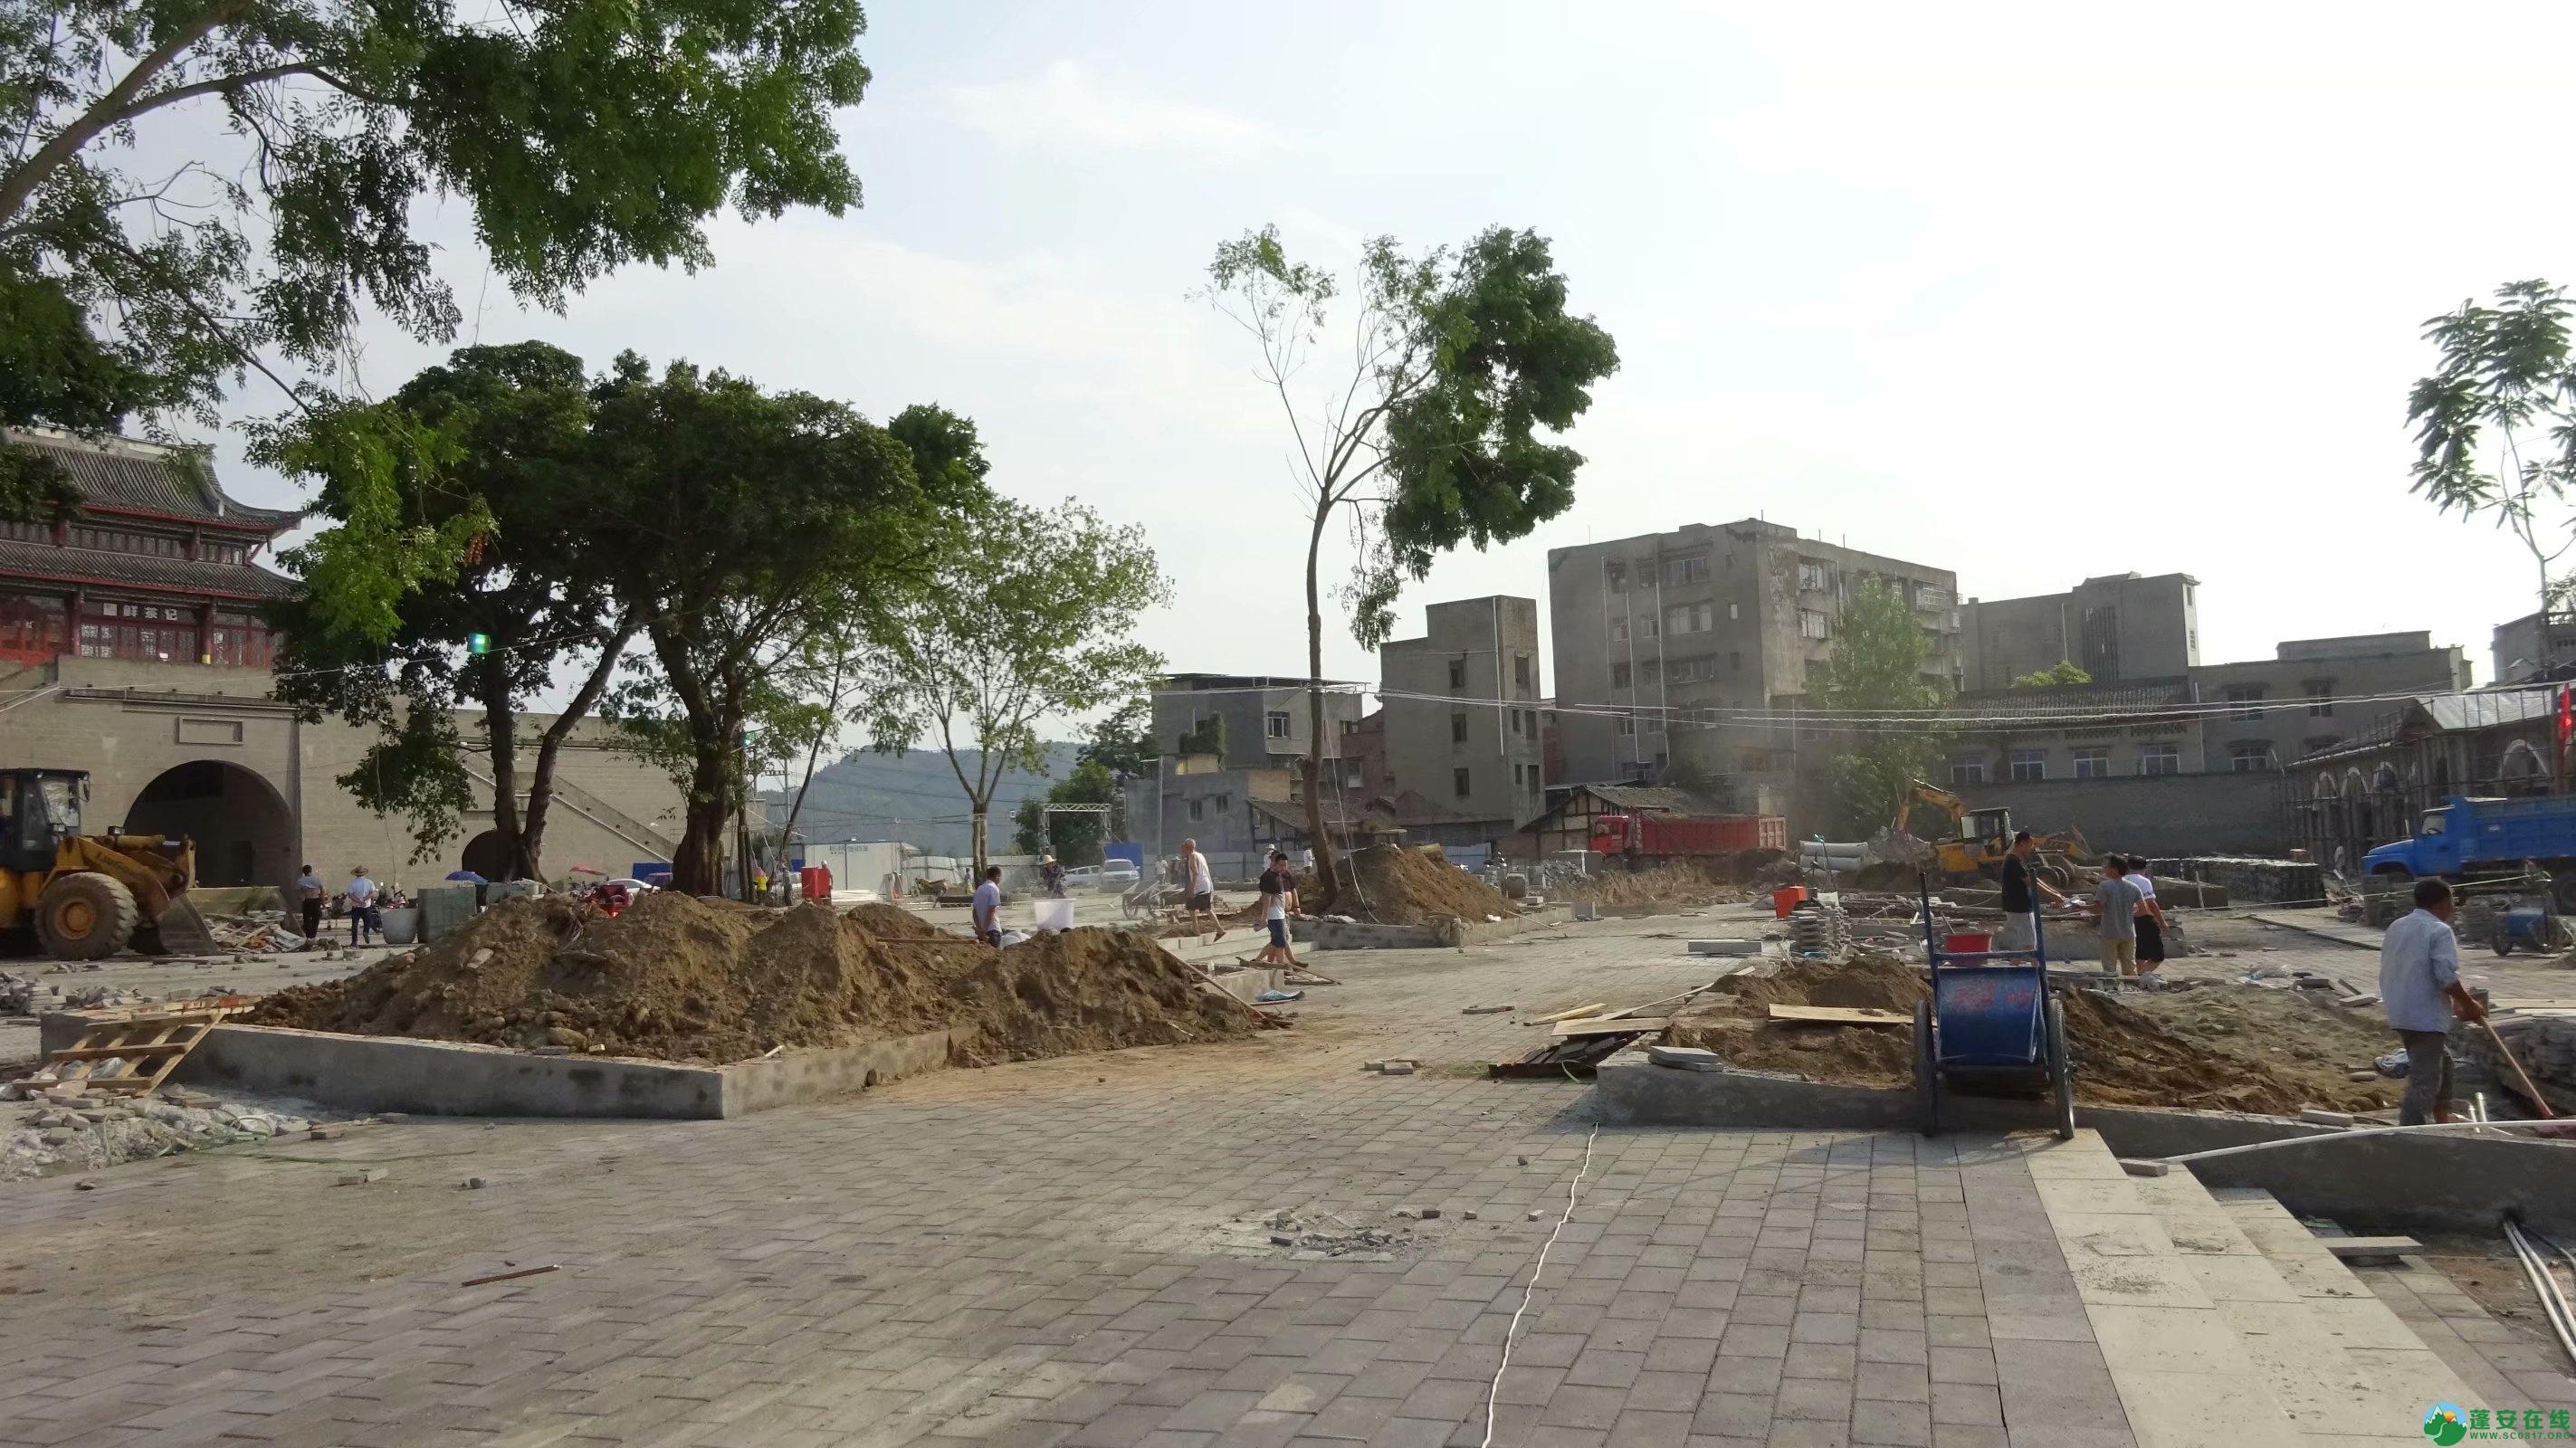 蓬安锦屏相如故城建设迅猛 - 第53张  | 蓬安在线